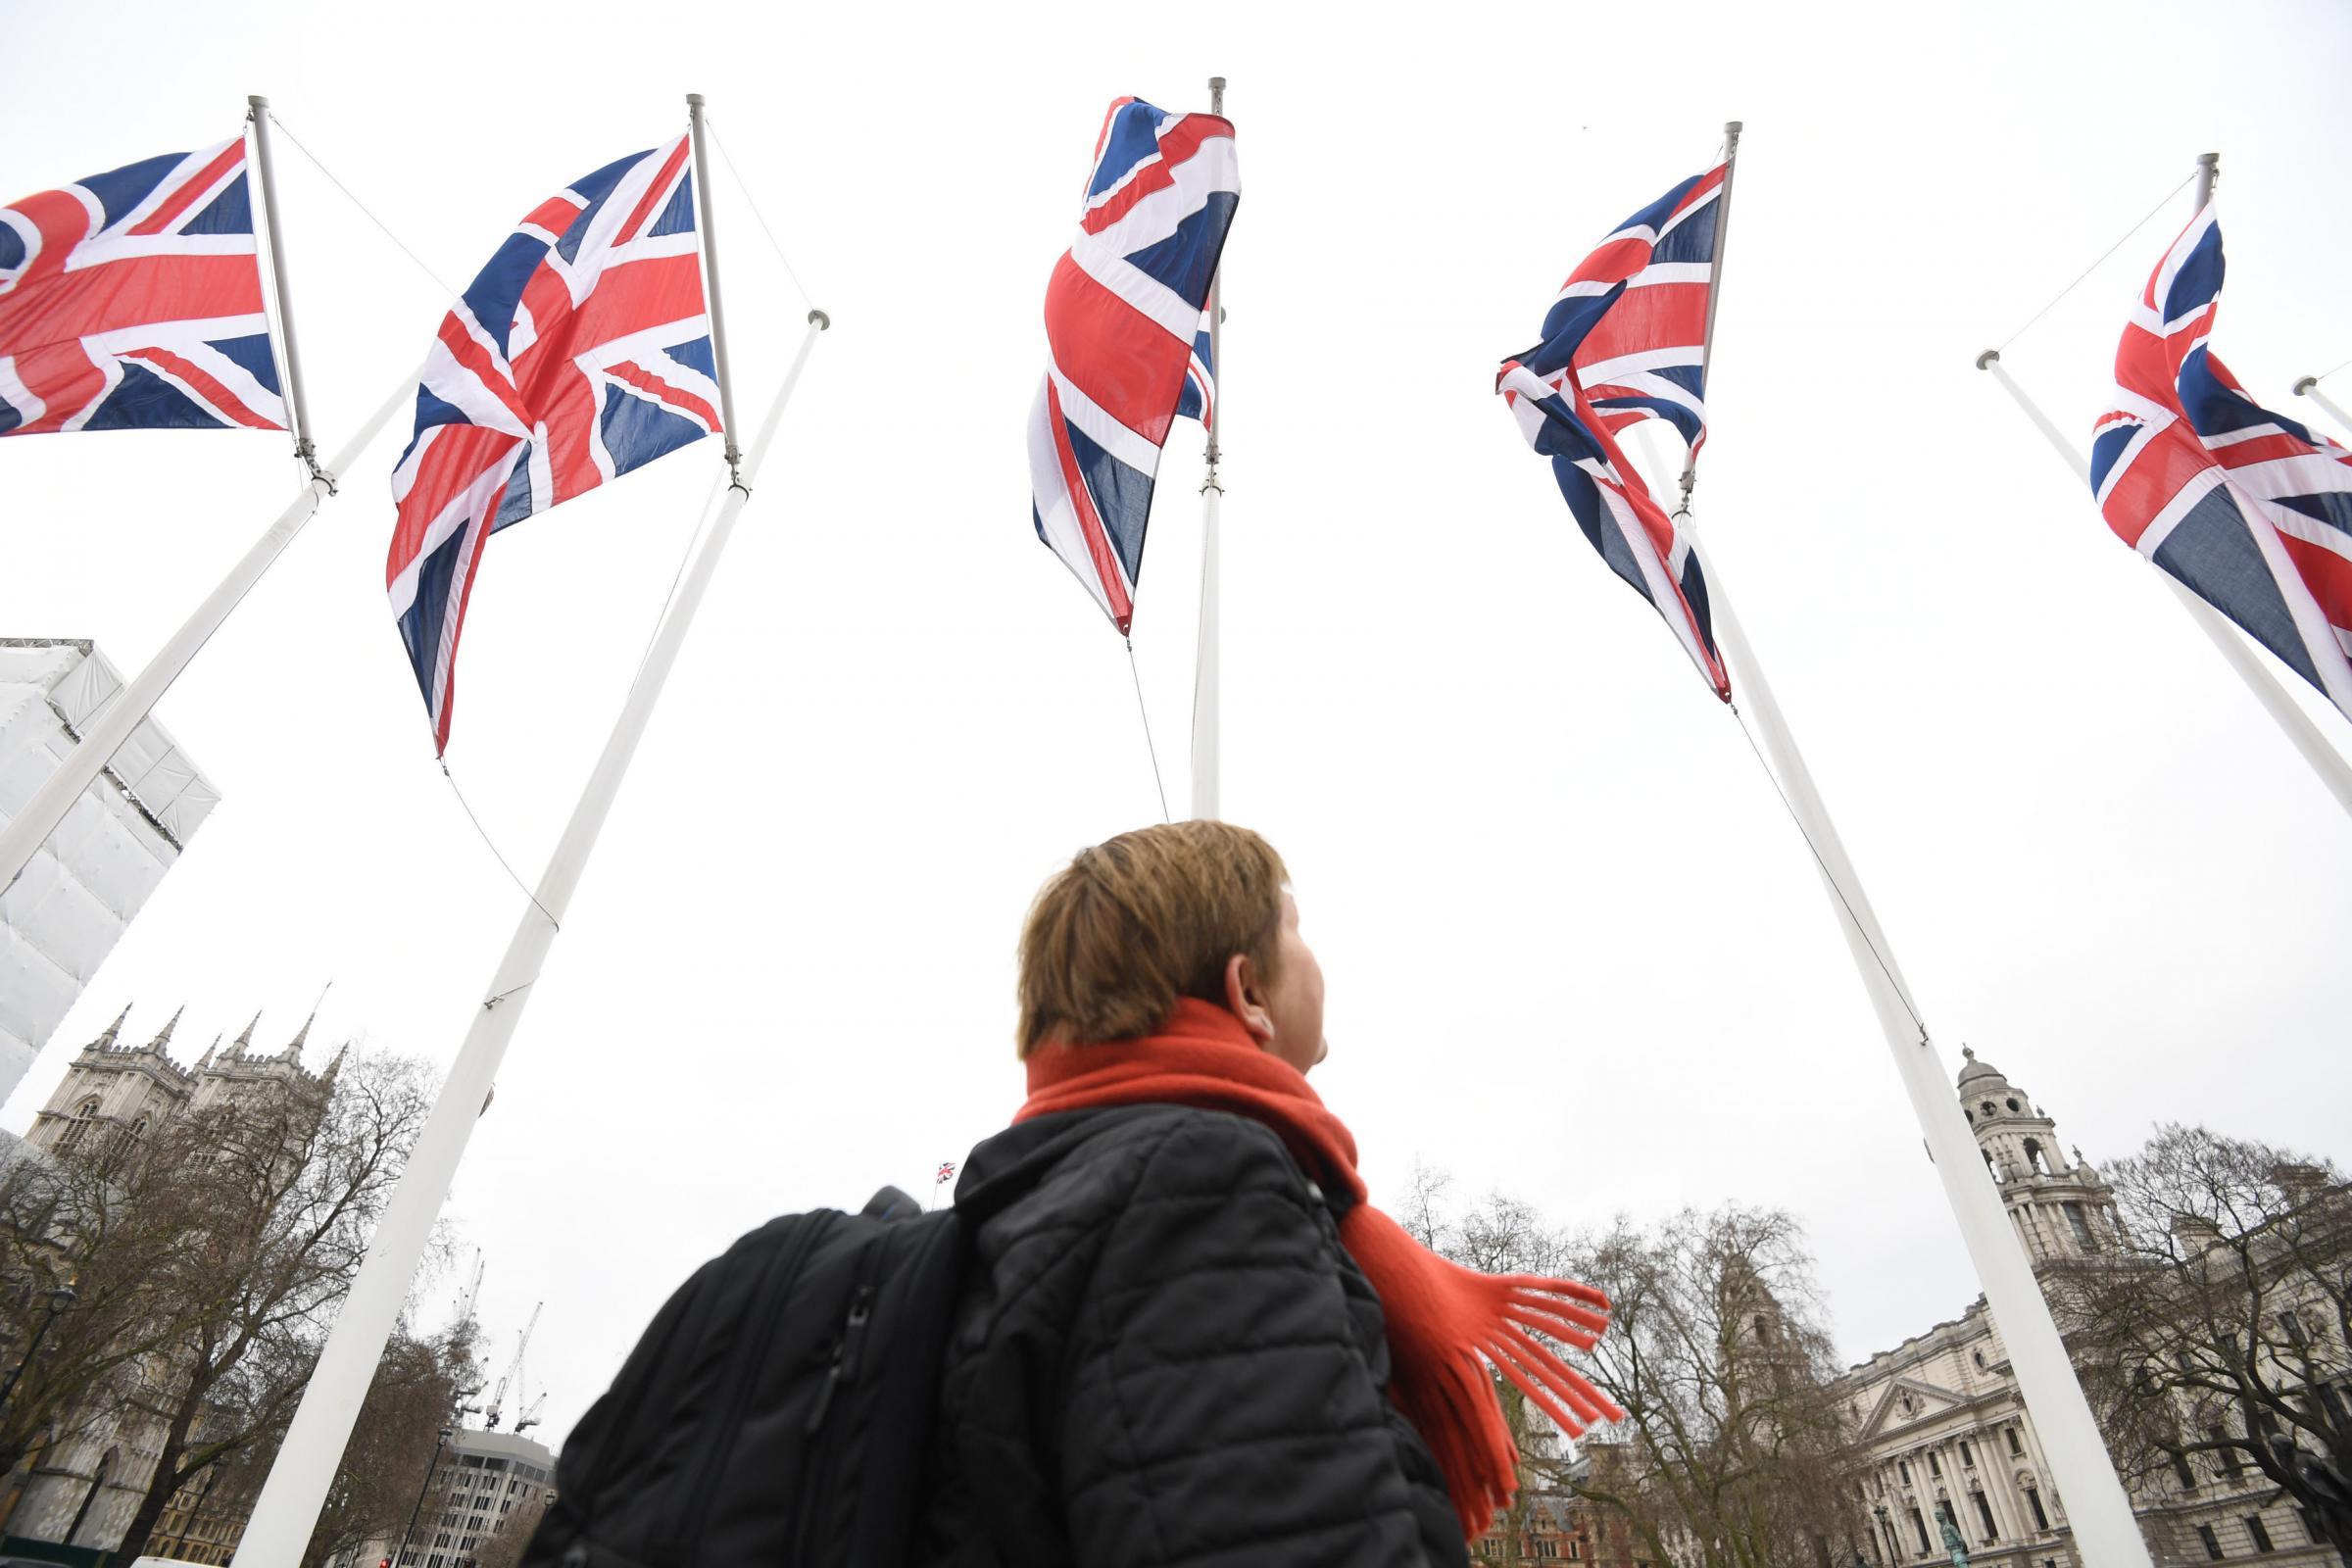 Cartas: Los pasos que un estado del Reino Unido en dificultades debe tomar como prioridad